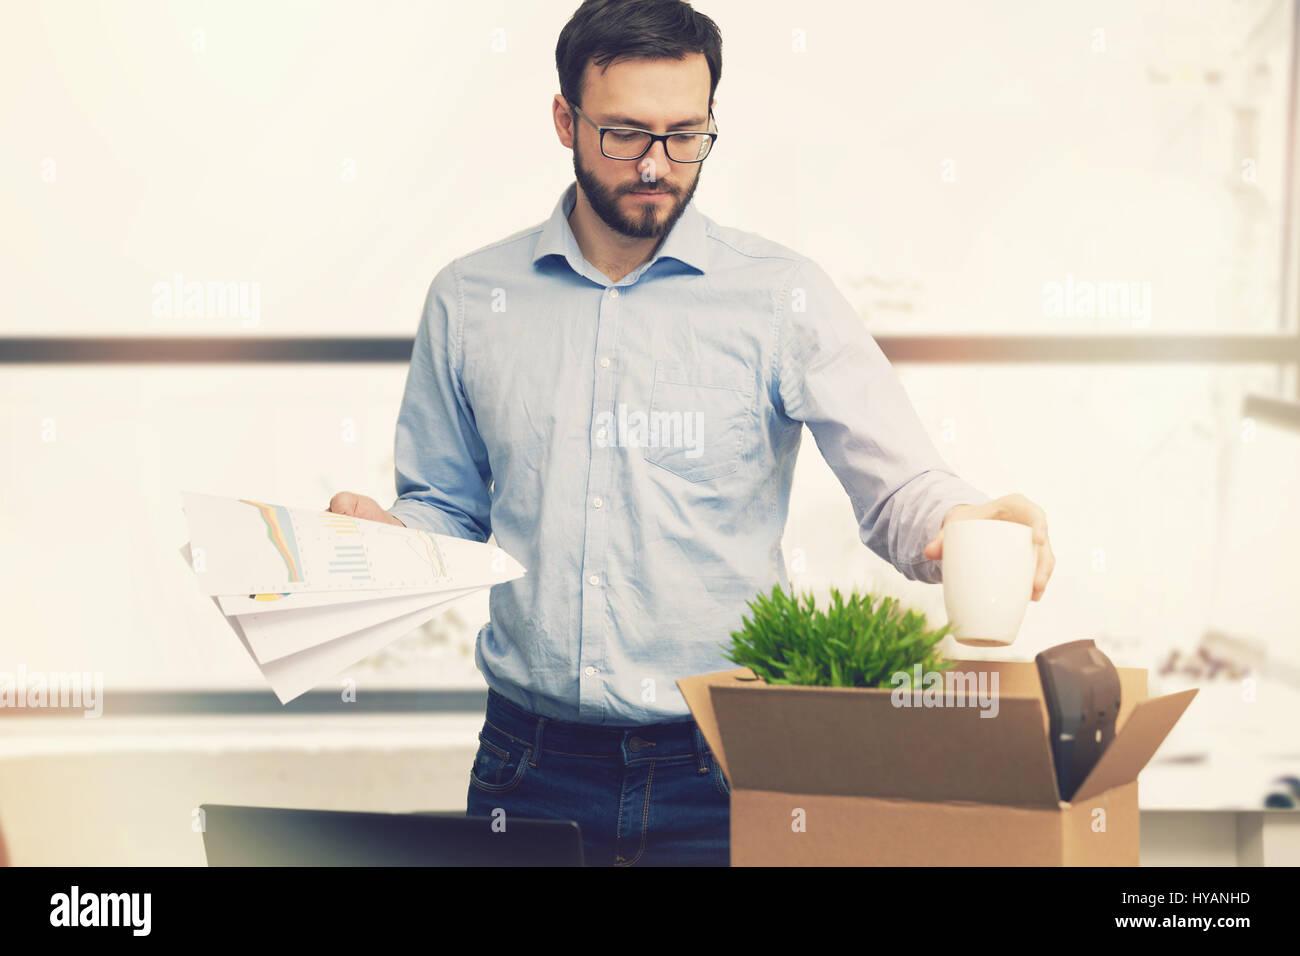 La perdita del posto di lavoro - cotto - uomo di mettere le sue cose in scatola di cartone Immagini Stock